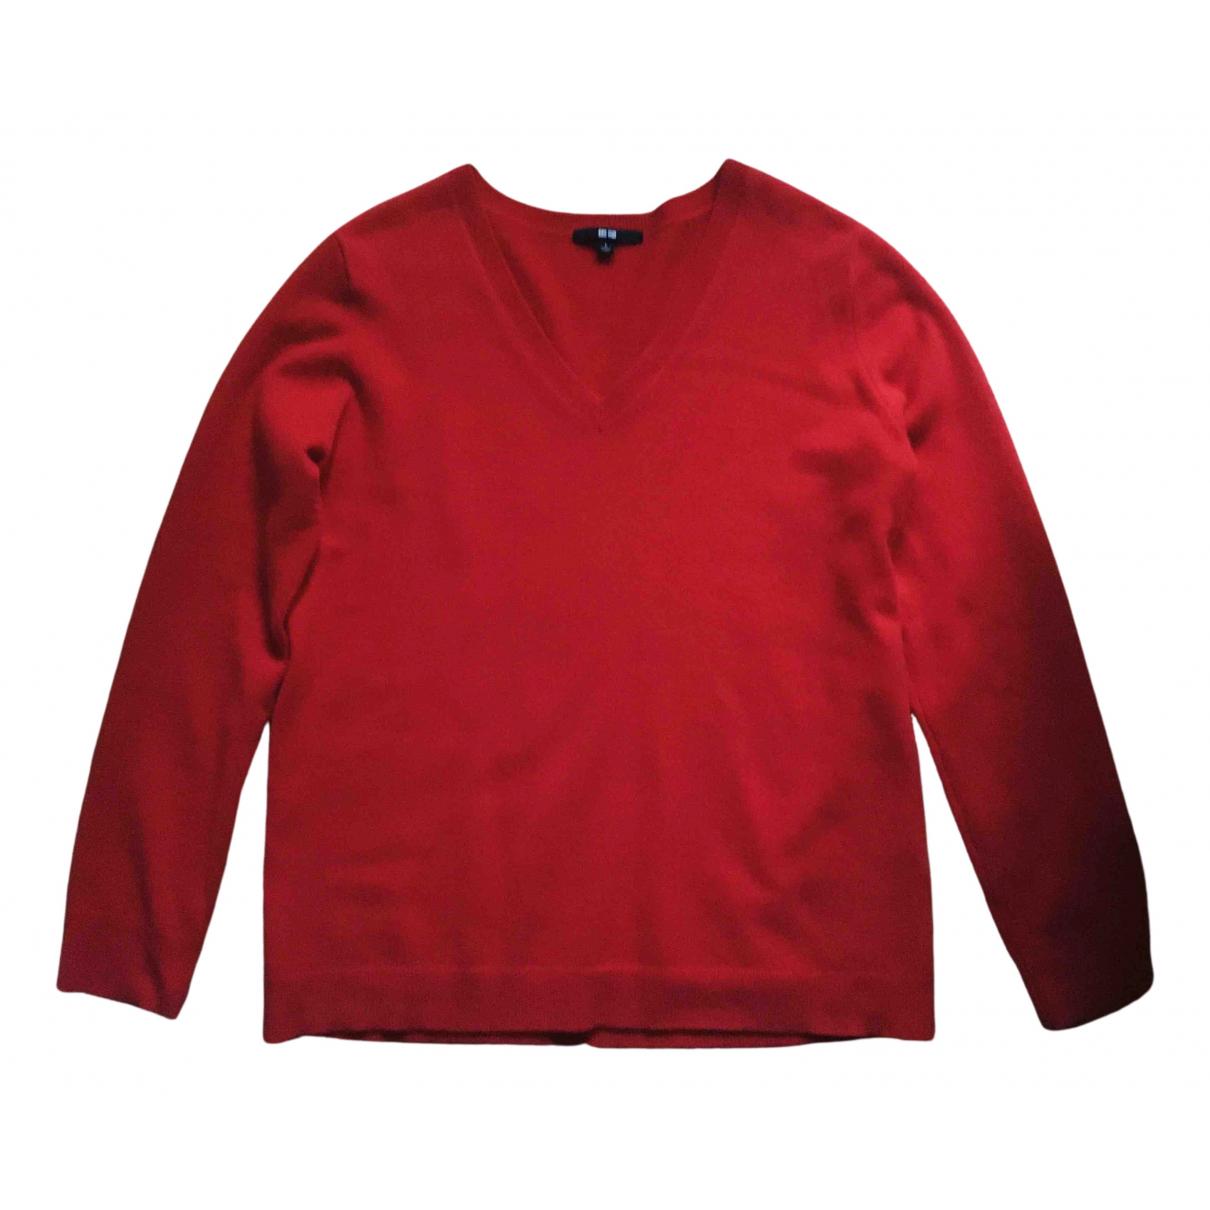 Uniqlo - Pull   pour femme en cachemire - rouge